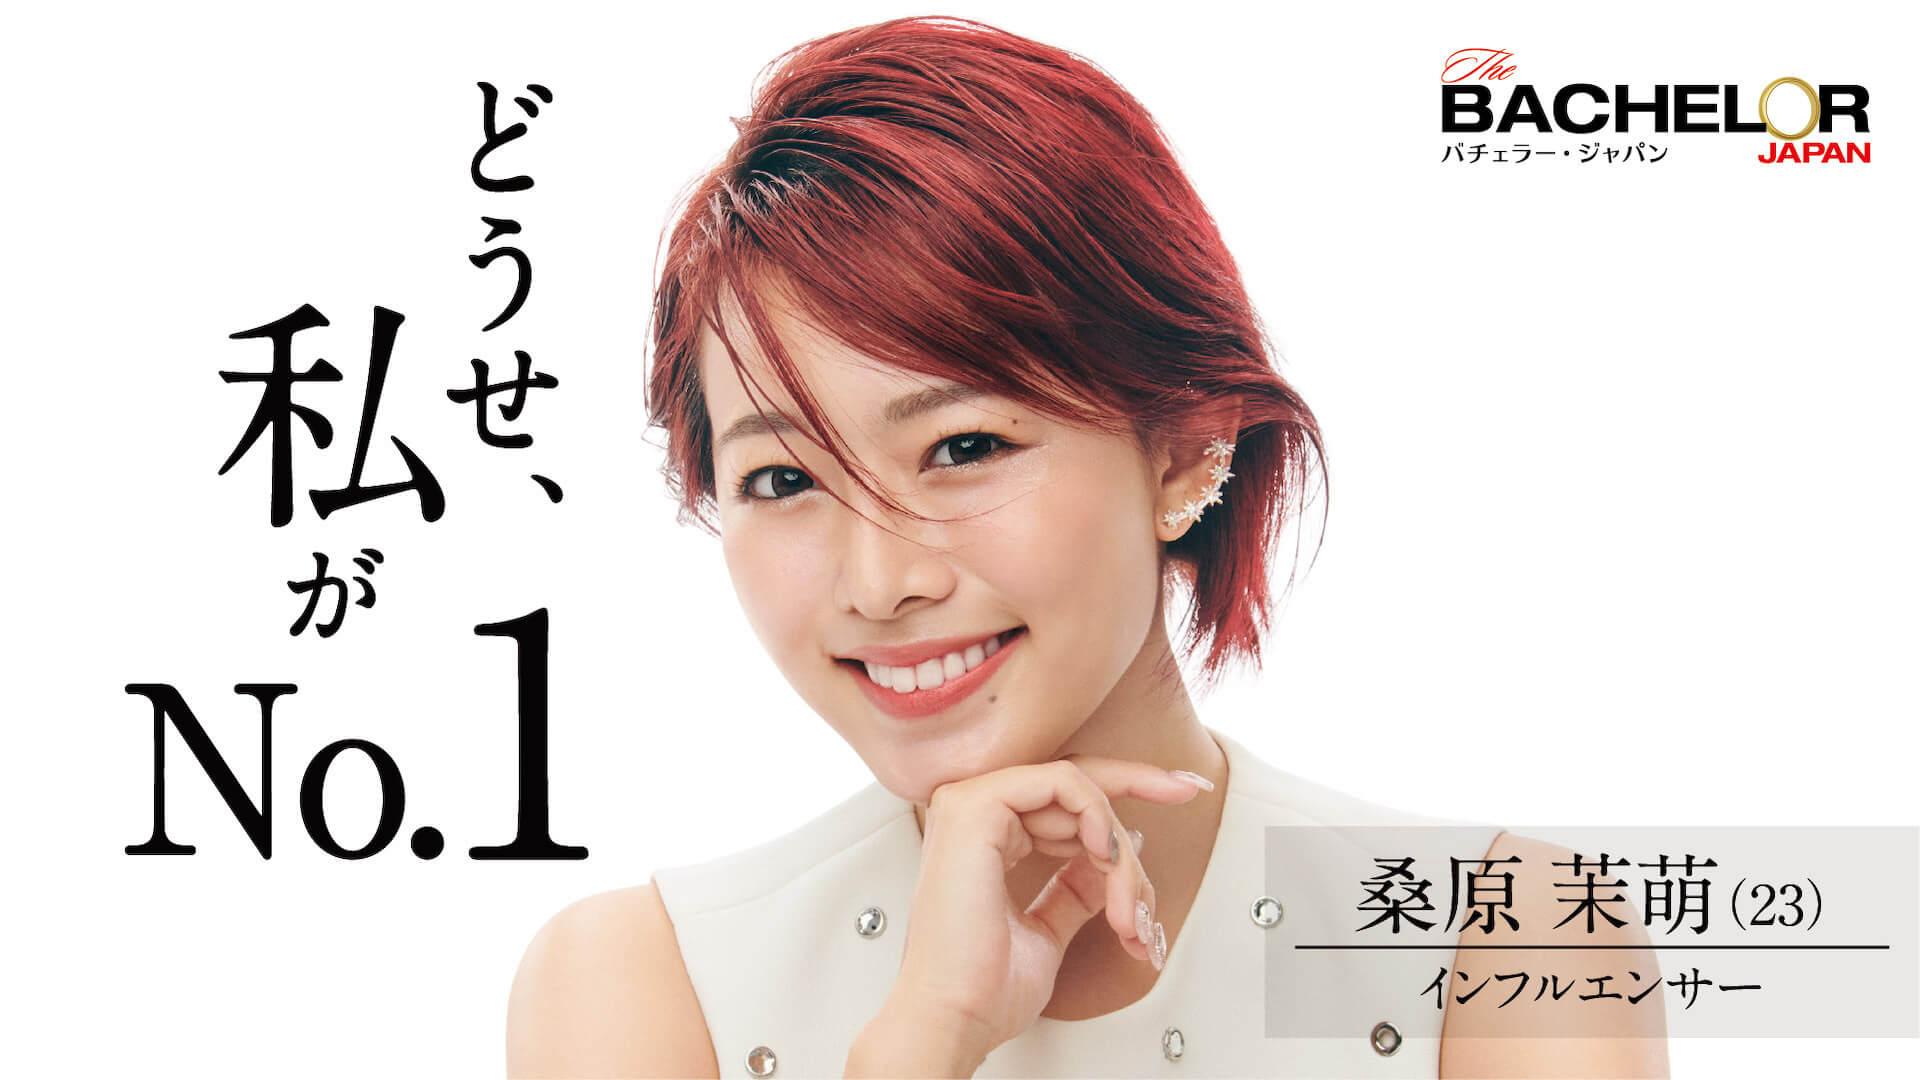 モデル、レディ・ユニバース2020日本代表、医者、経営者など続々登場!『バチェラー・ジャパン』シーズン4の女性参加者15名が一挙発表 art211007_bacelorjapan_16